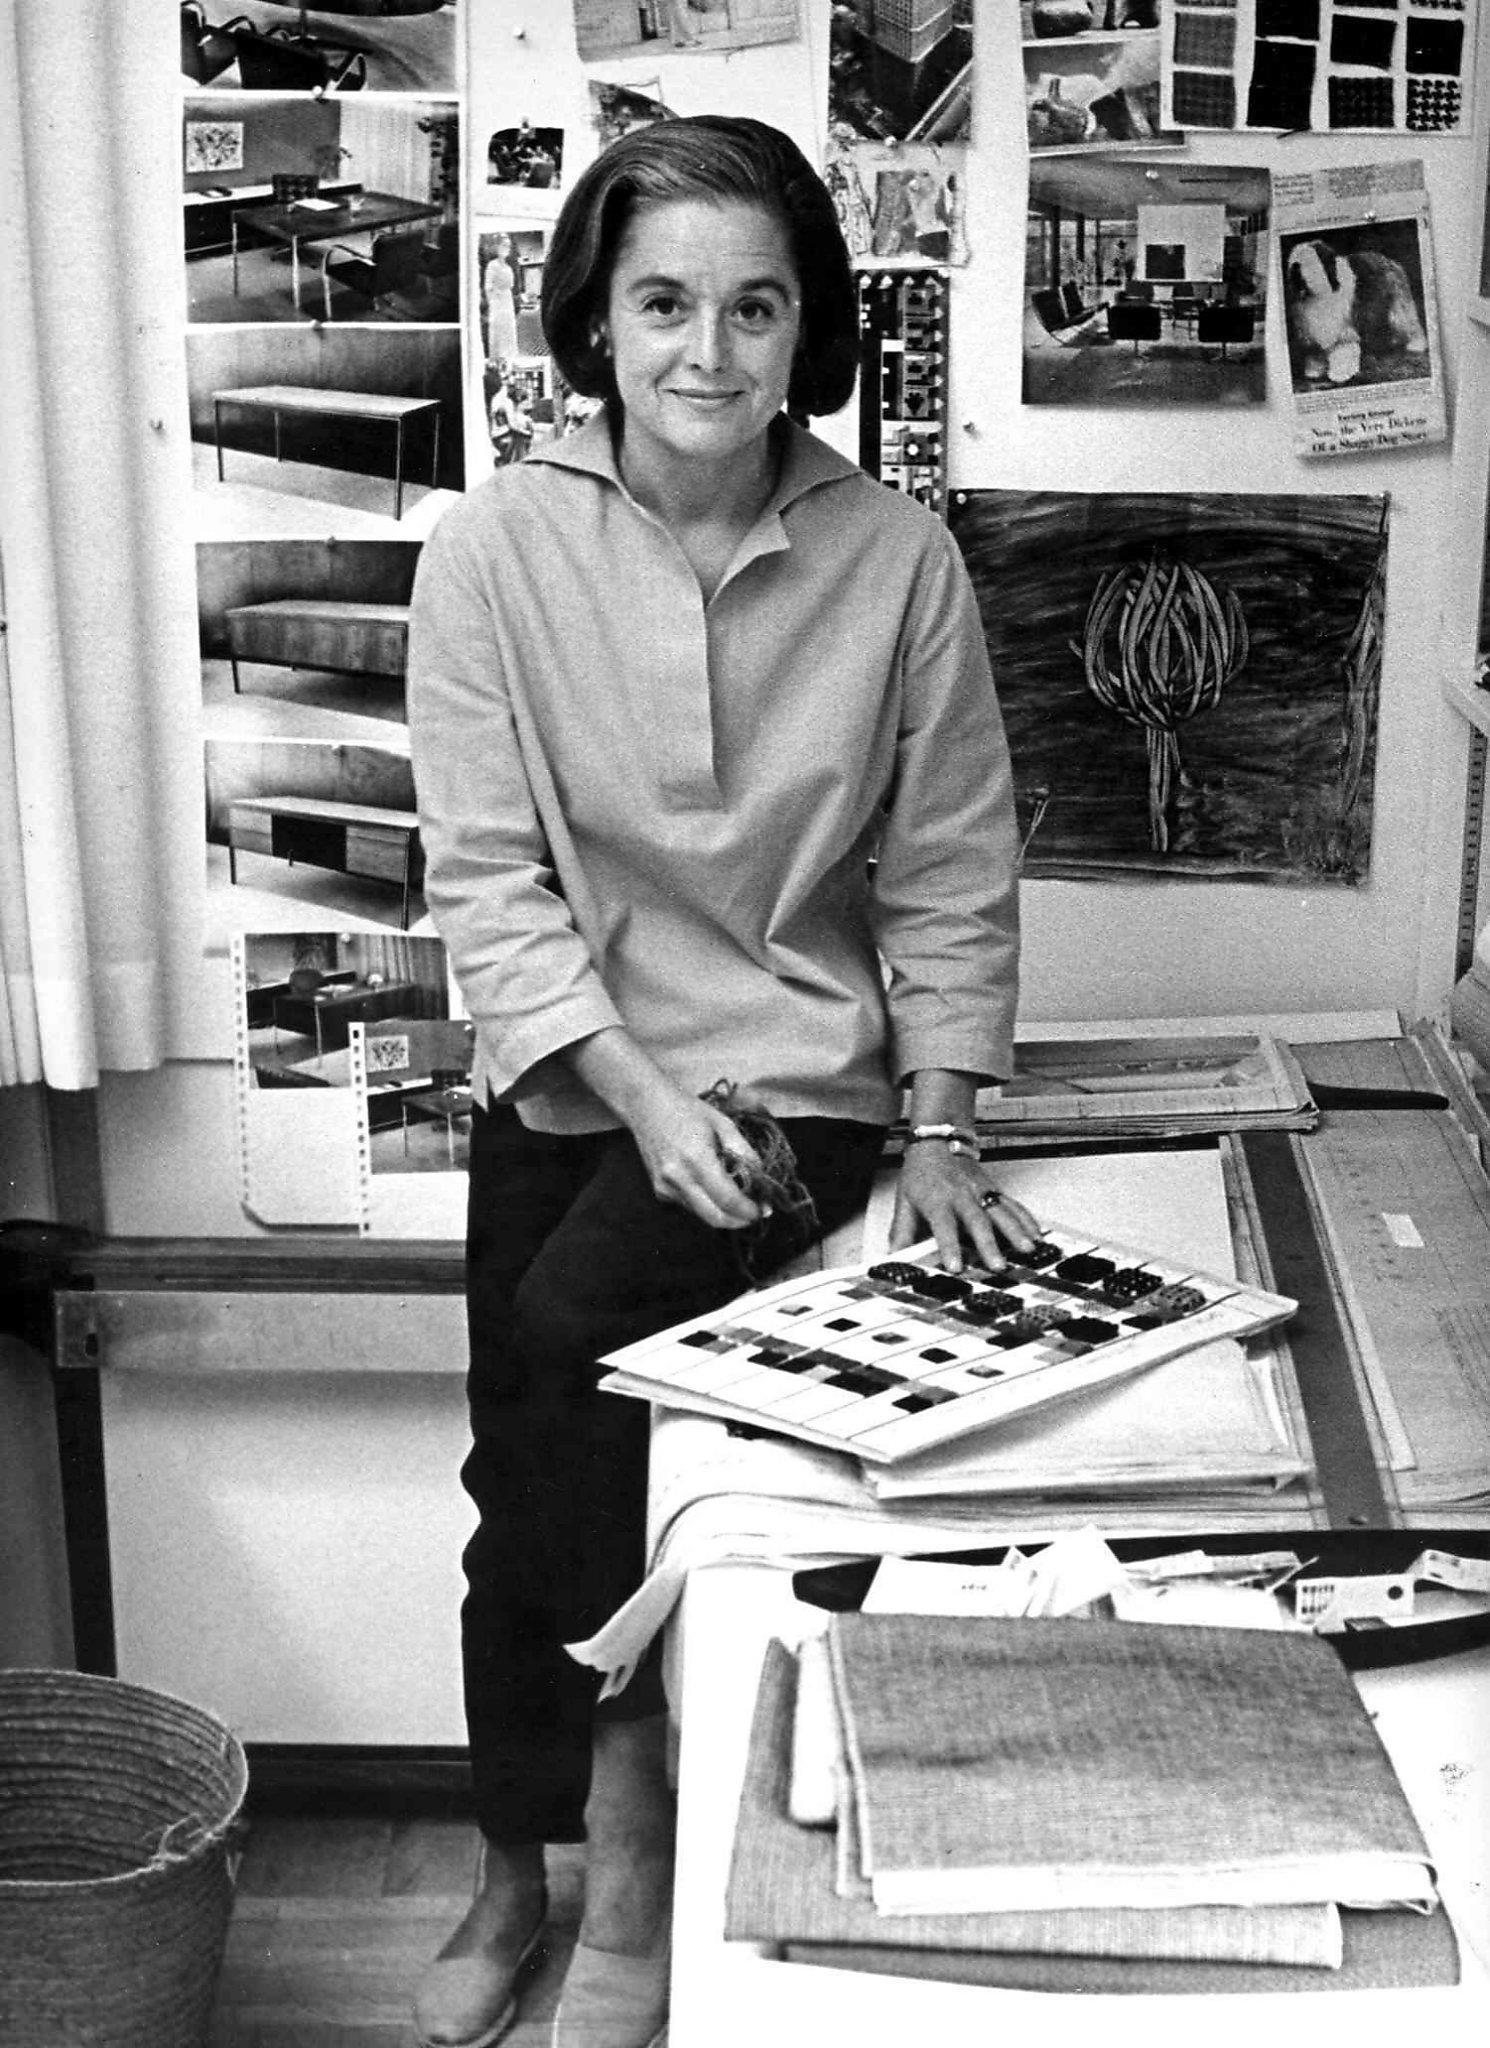 Florence Knoll Bassett Designer Of The Modern American